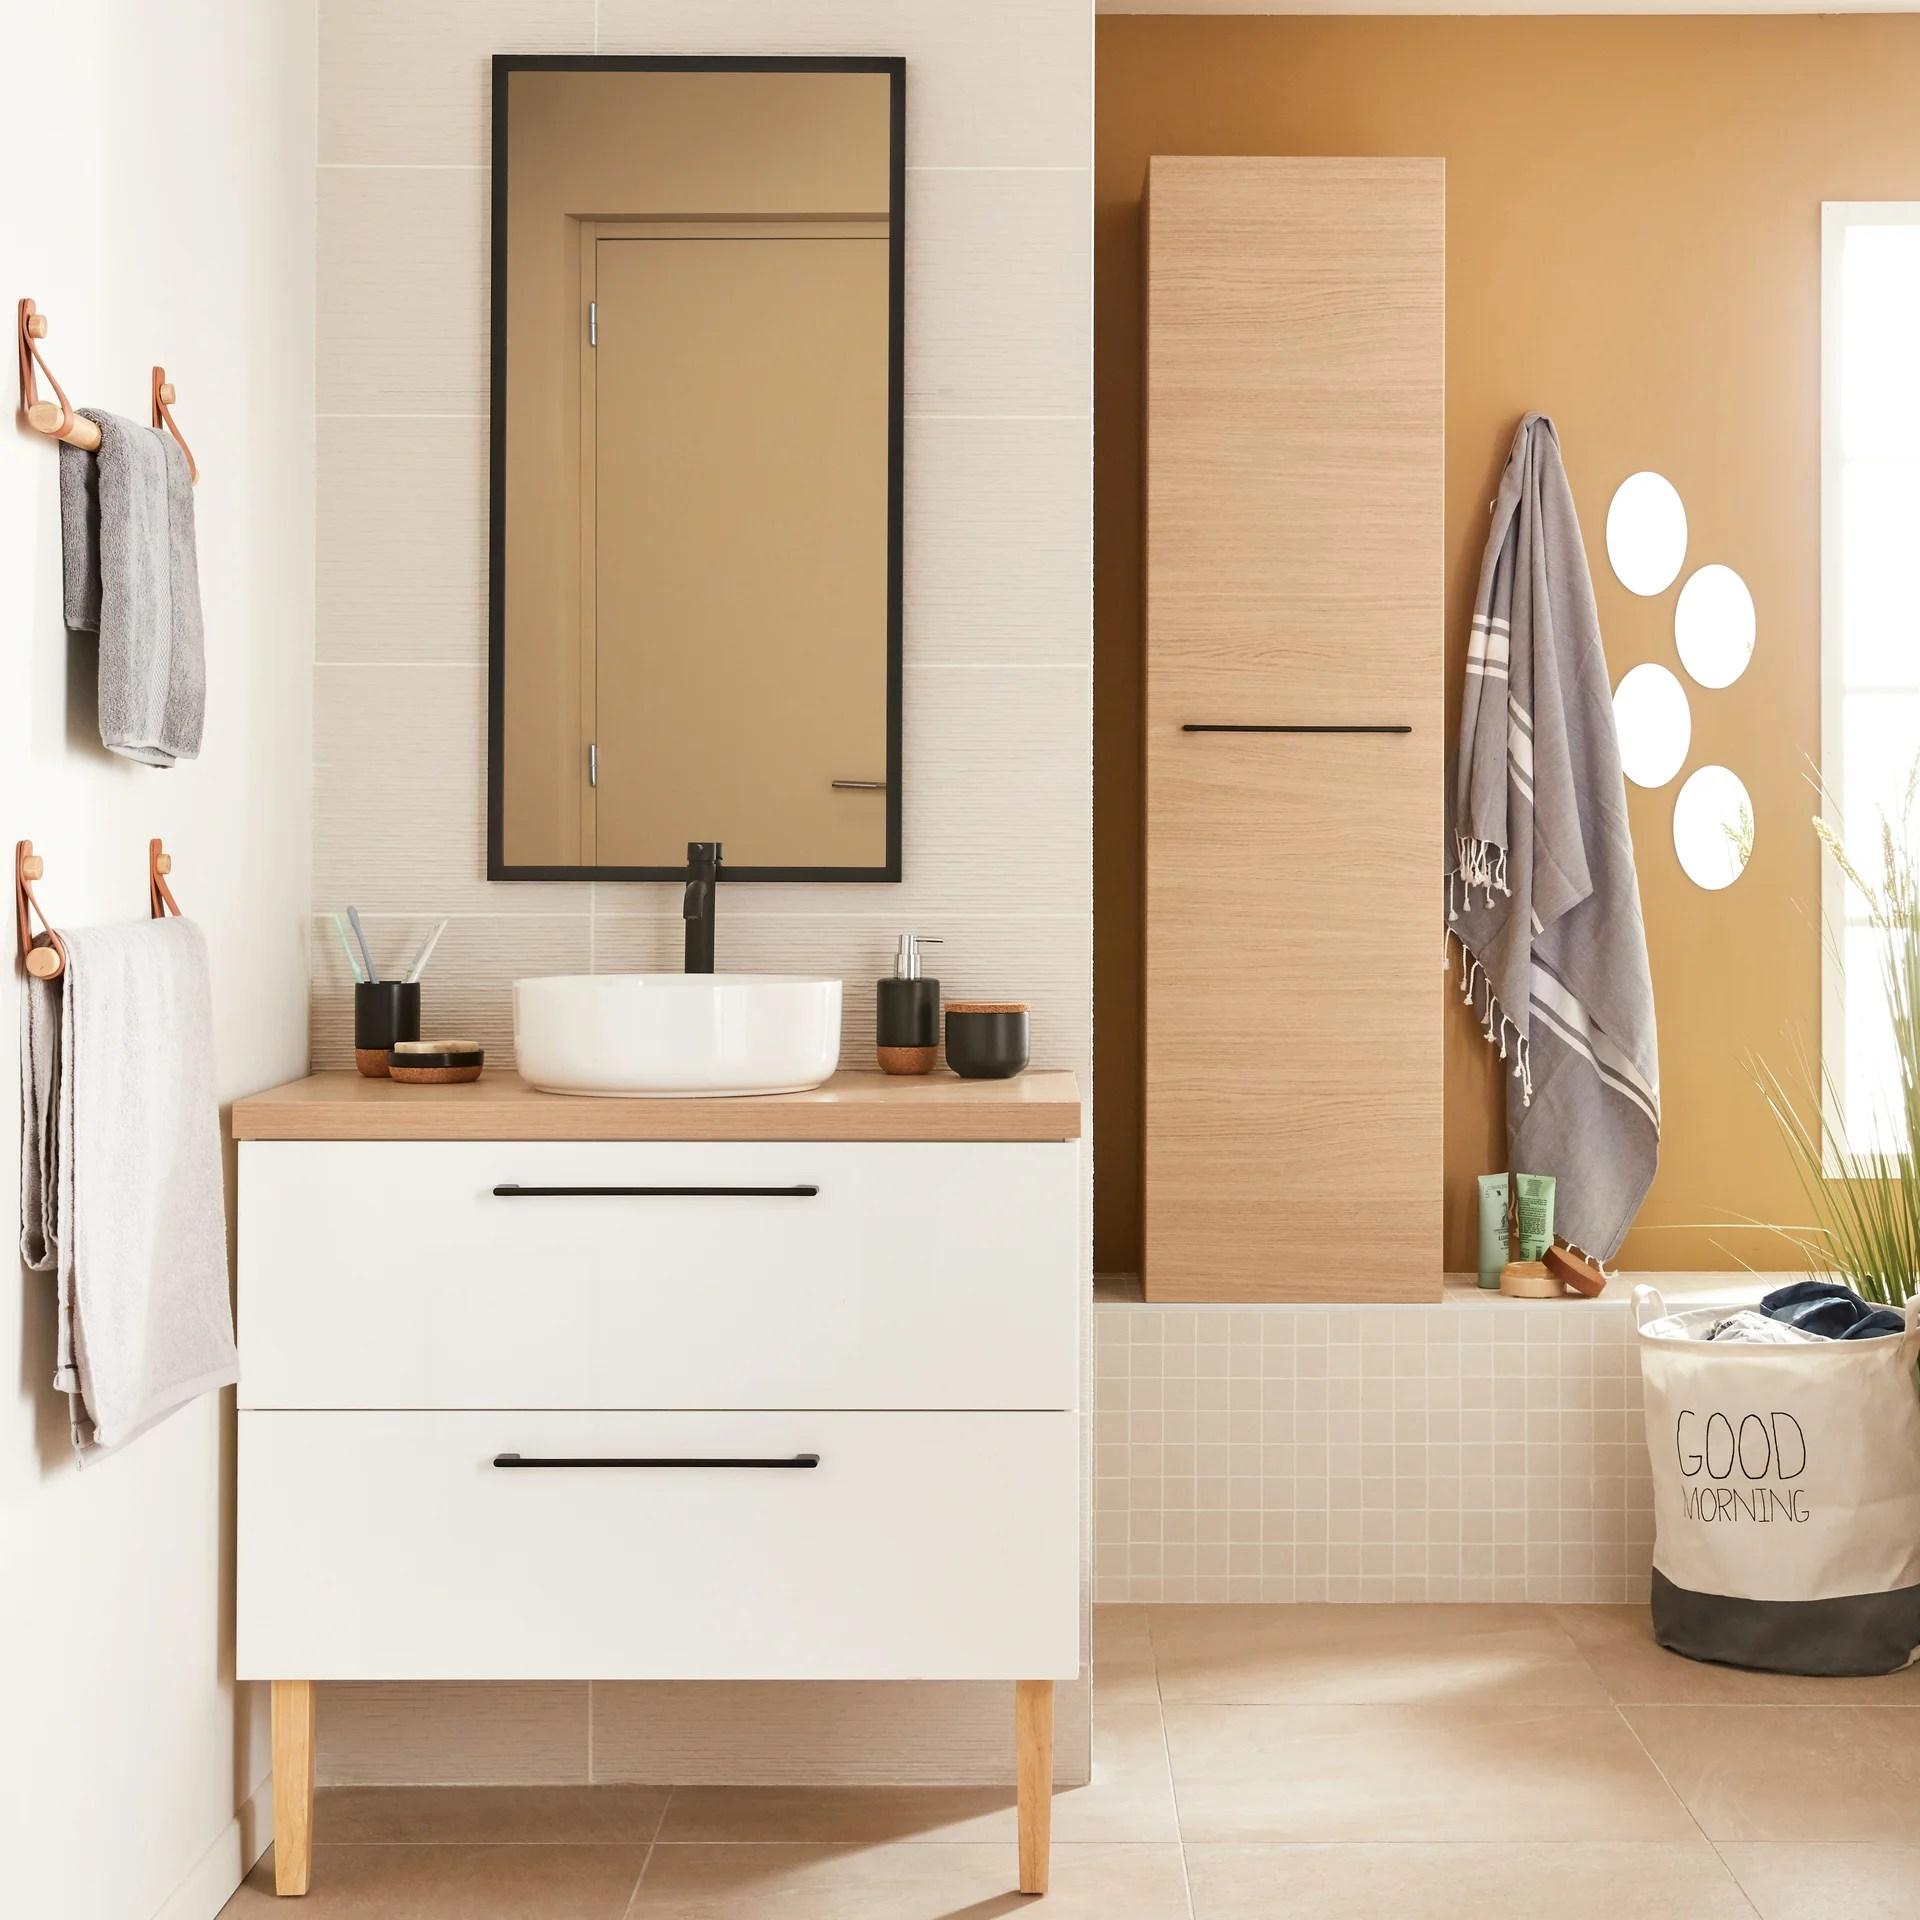 Meuble De Salle De Bains Simple Vasque L 90 X H 58 X P 48 Cm Blanc Remix Leroy Merlin